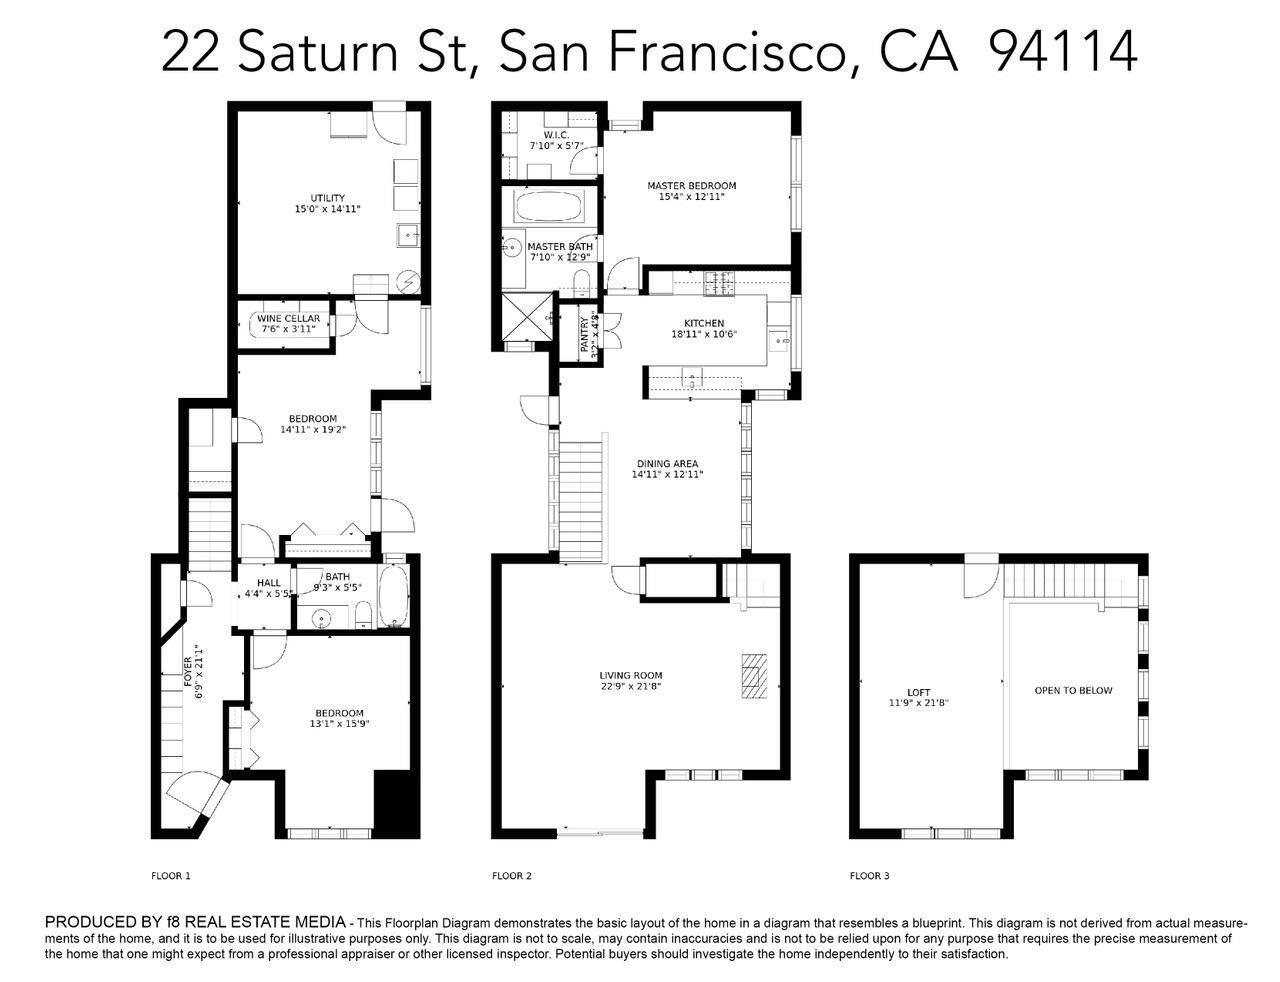 22 Saturn Street, San Francisco, CA, 94114